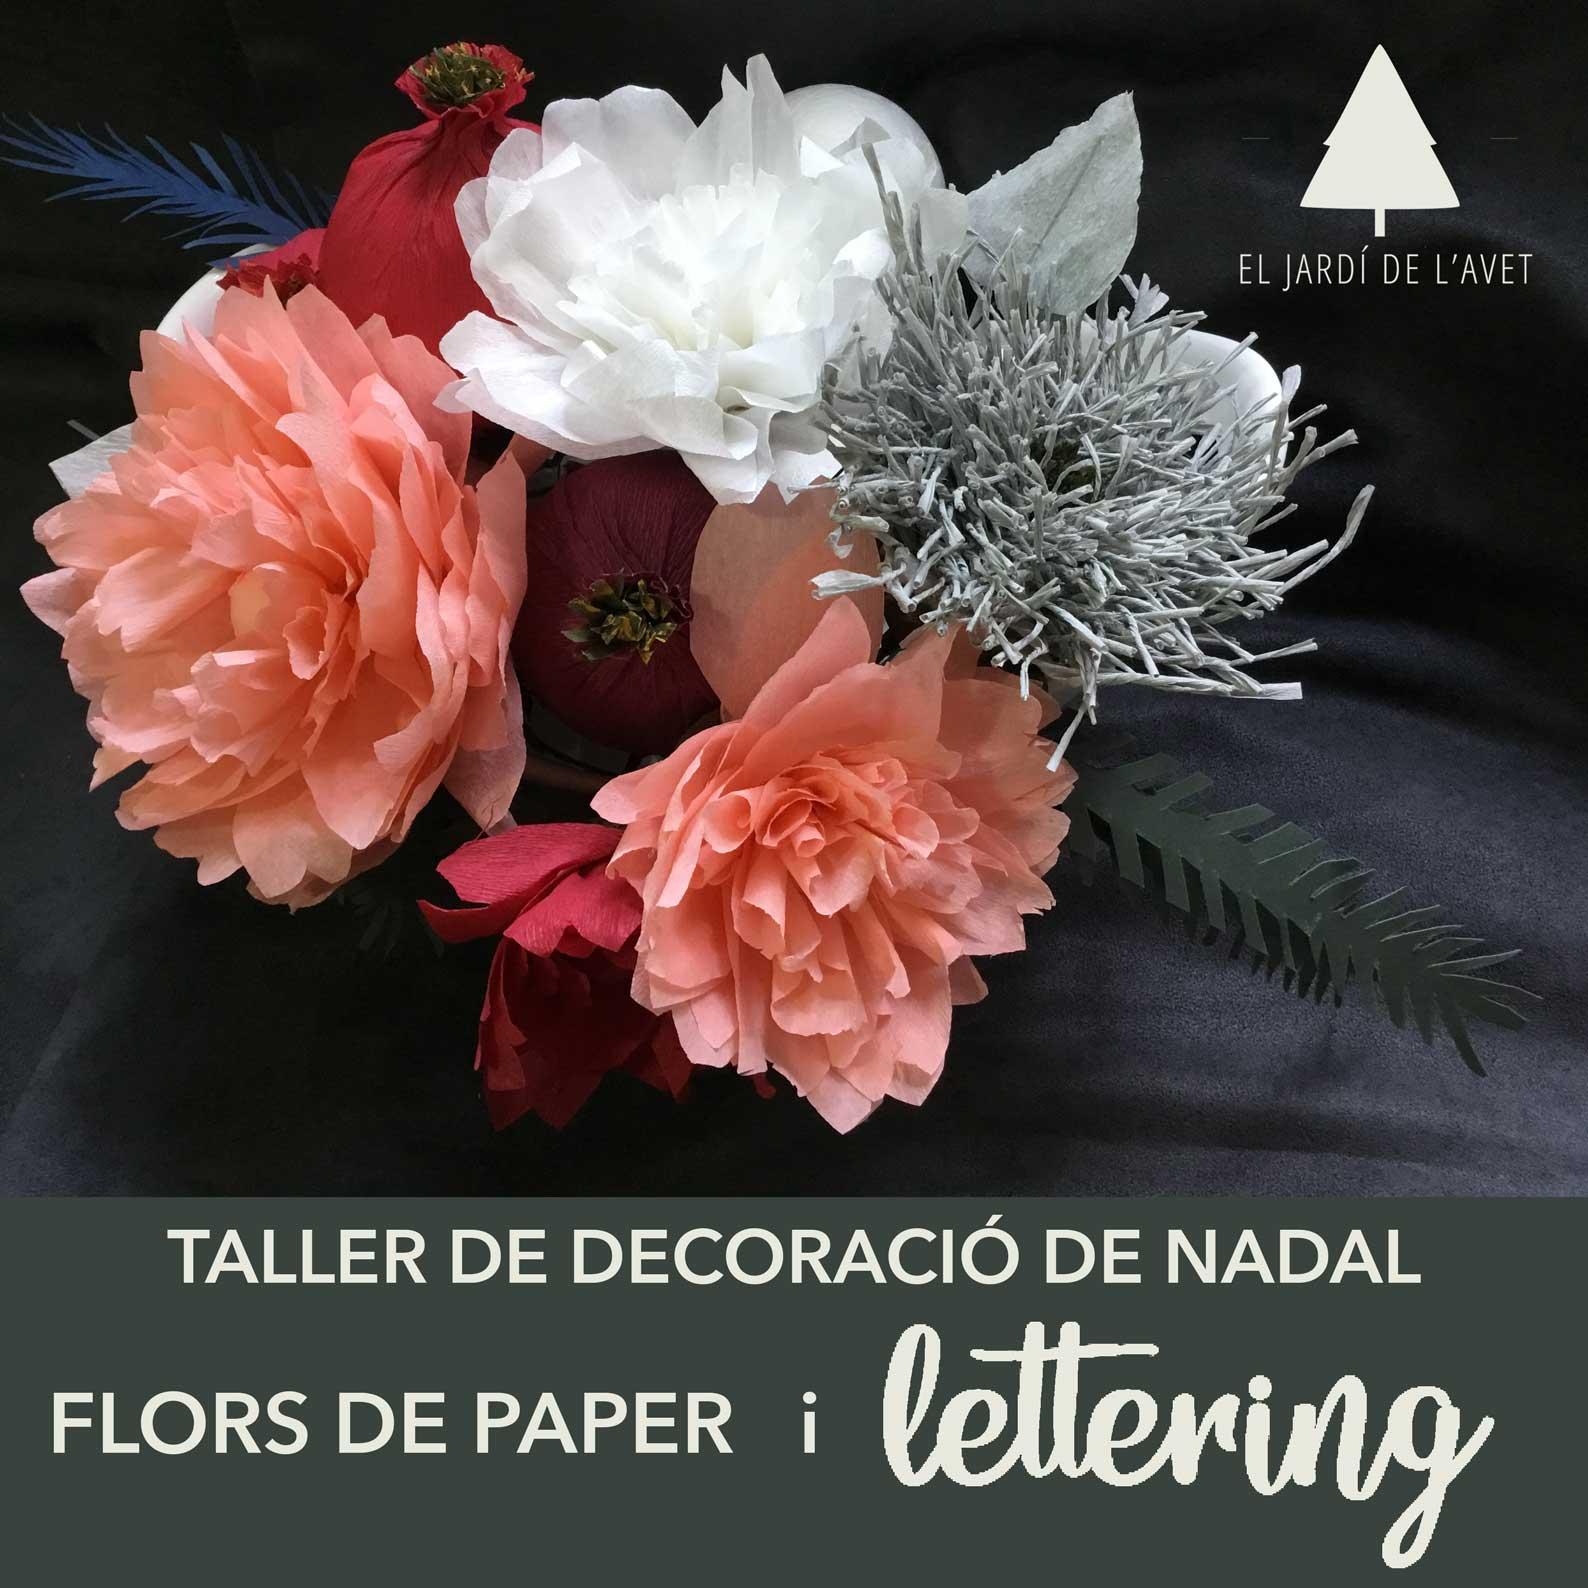 Decoración Navideña |  Lettering y flores de papel